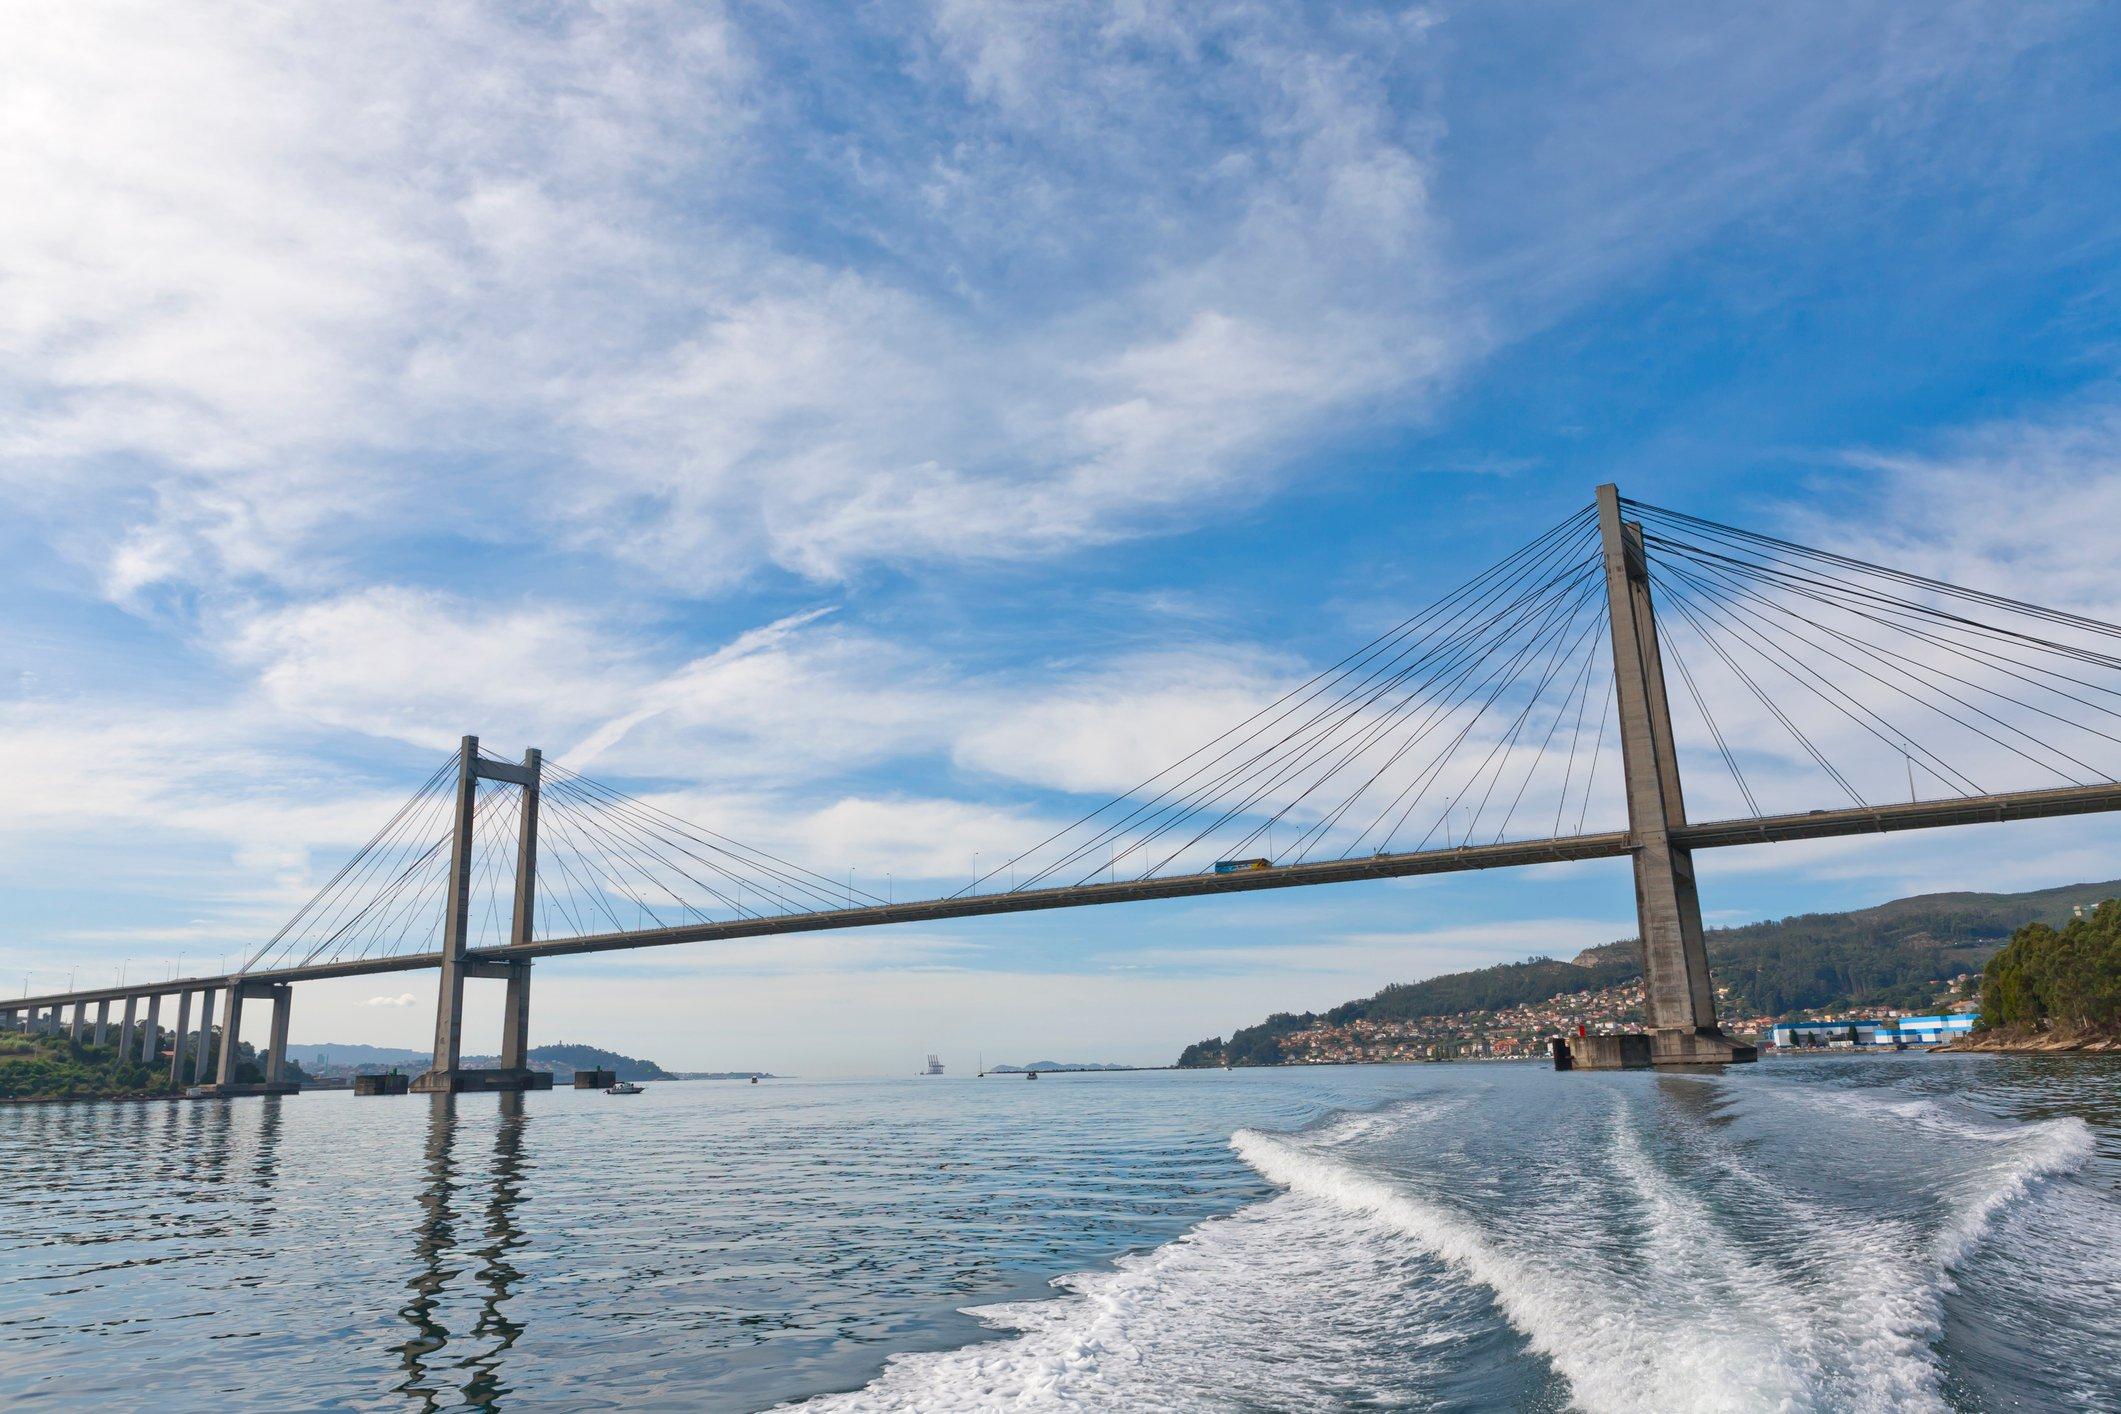 08 - Puente de Rande-Espana_iStock-497632380_imagen4